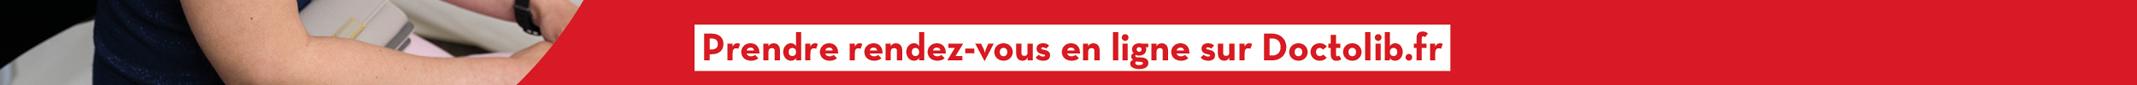 Prendre rendez-vous en ligne sur Doctolib.fr